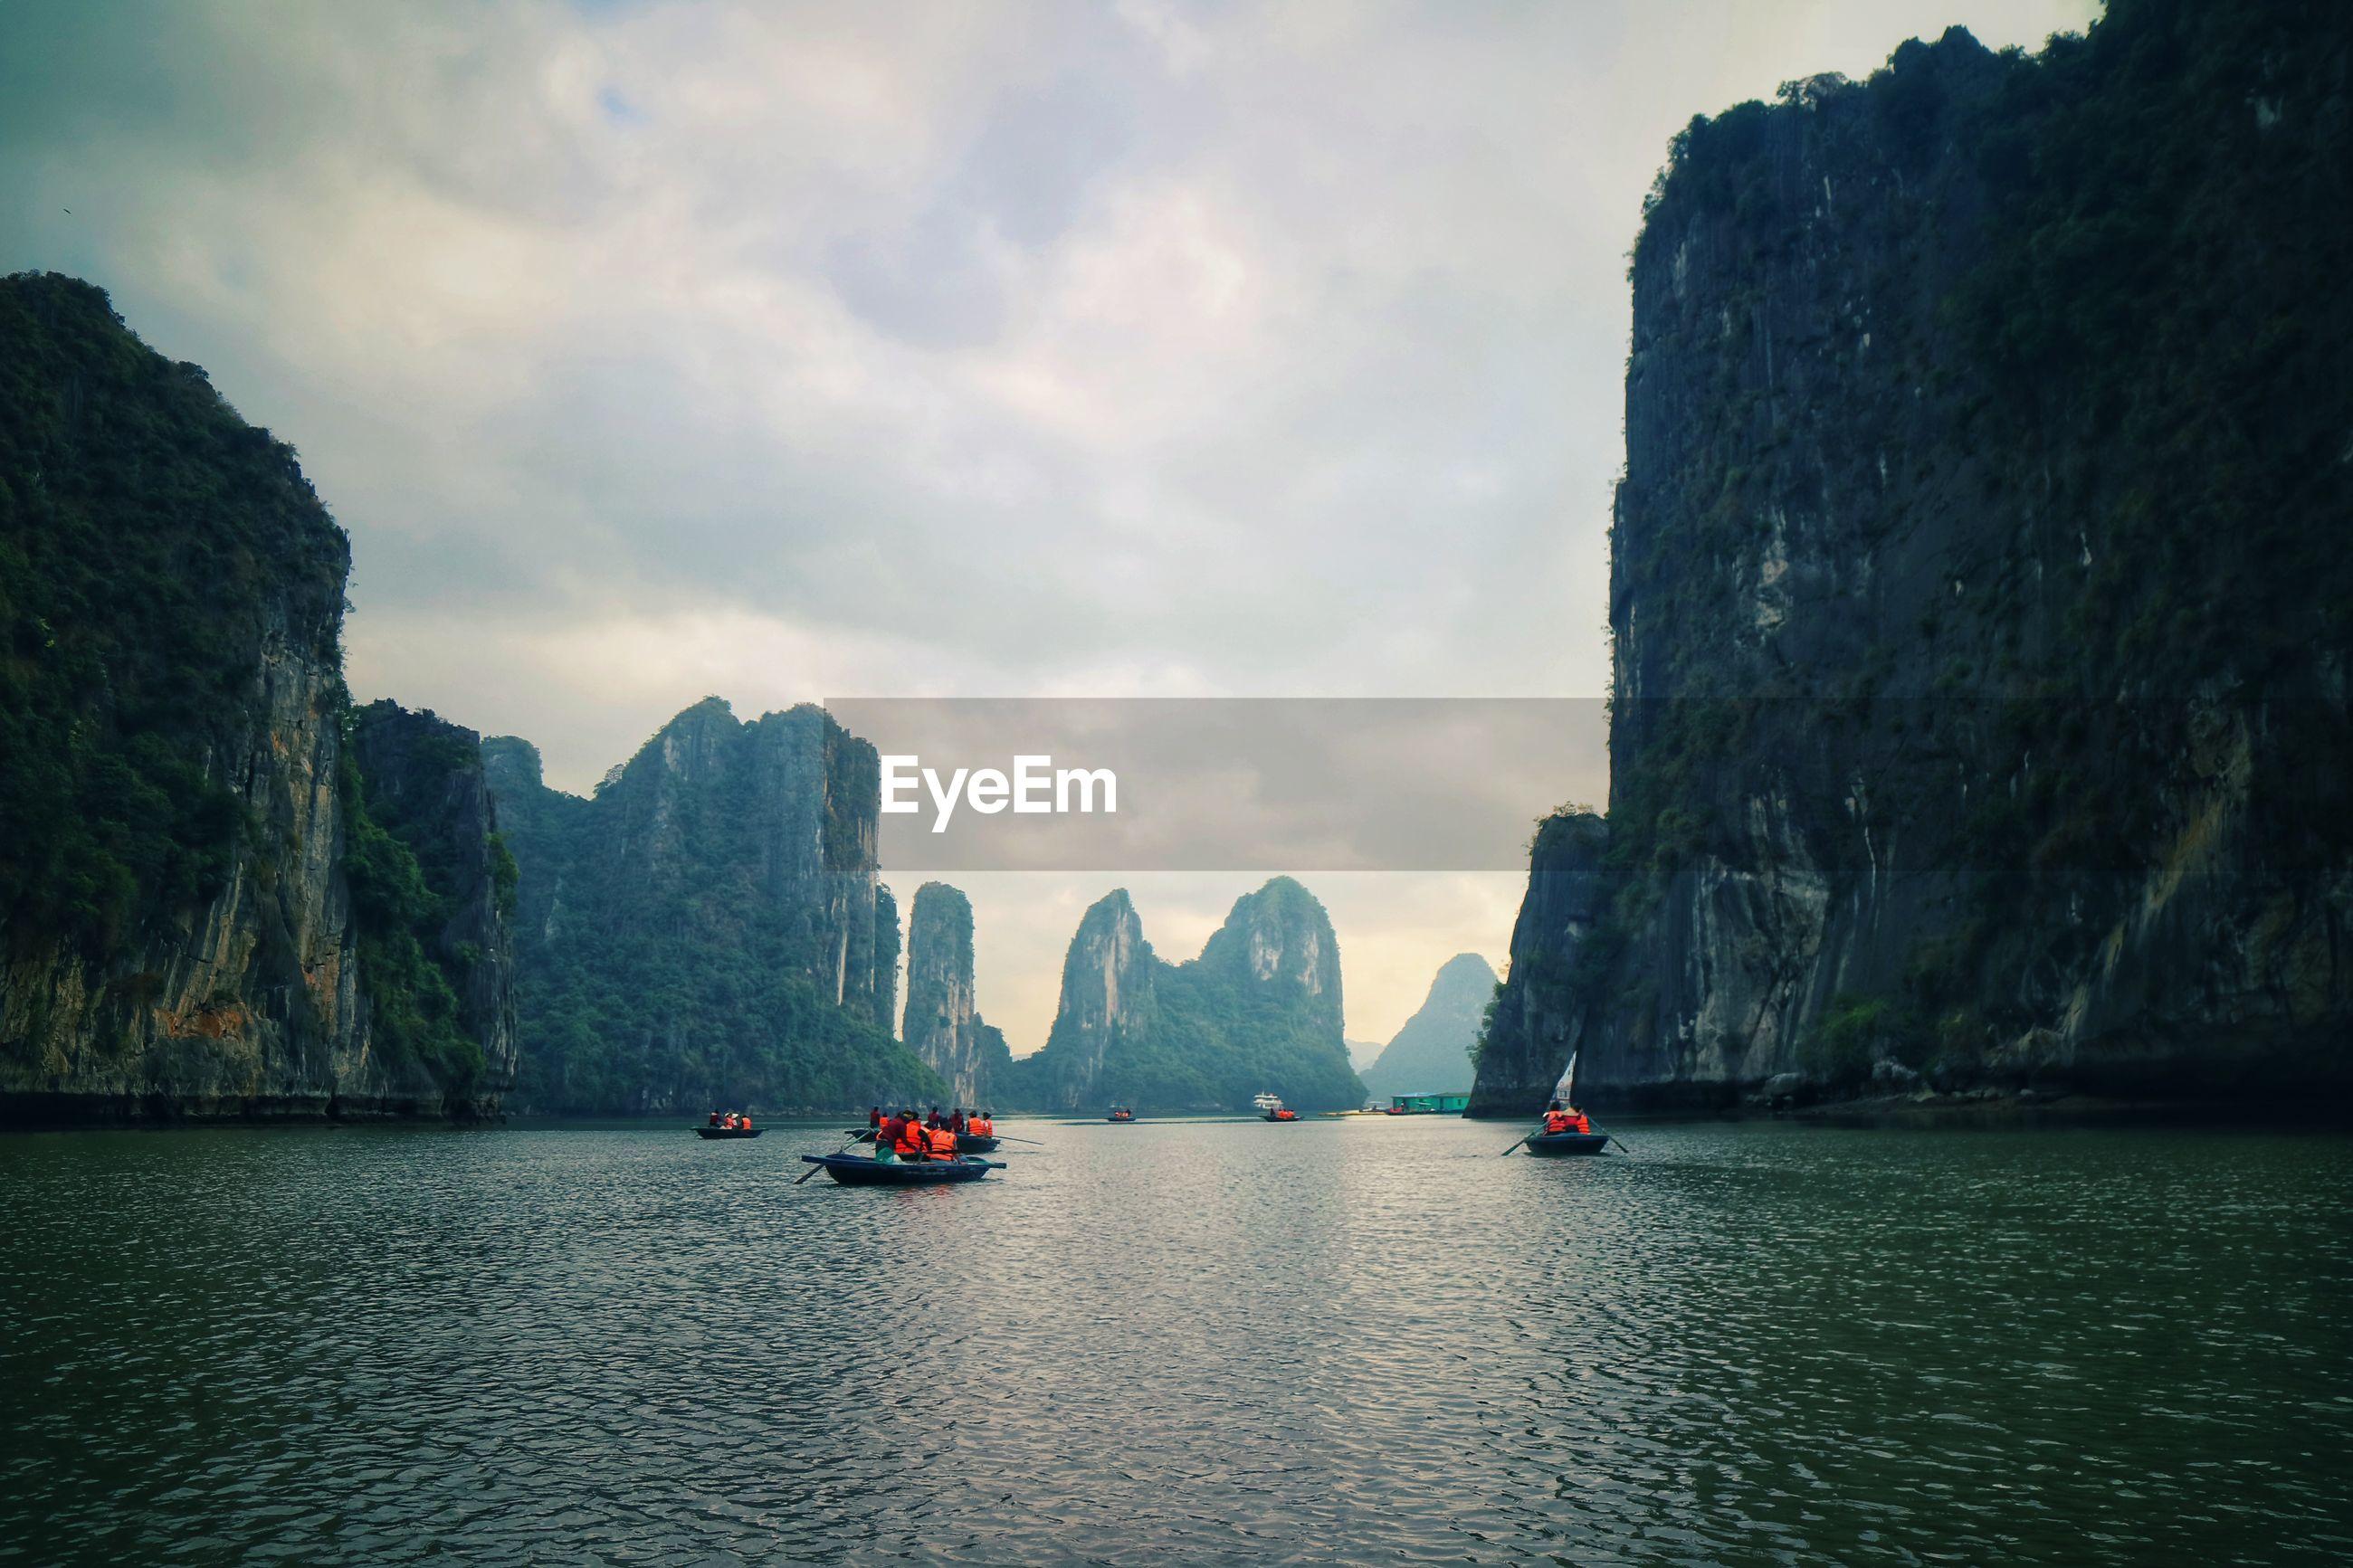 People kayaking on lake by mountains